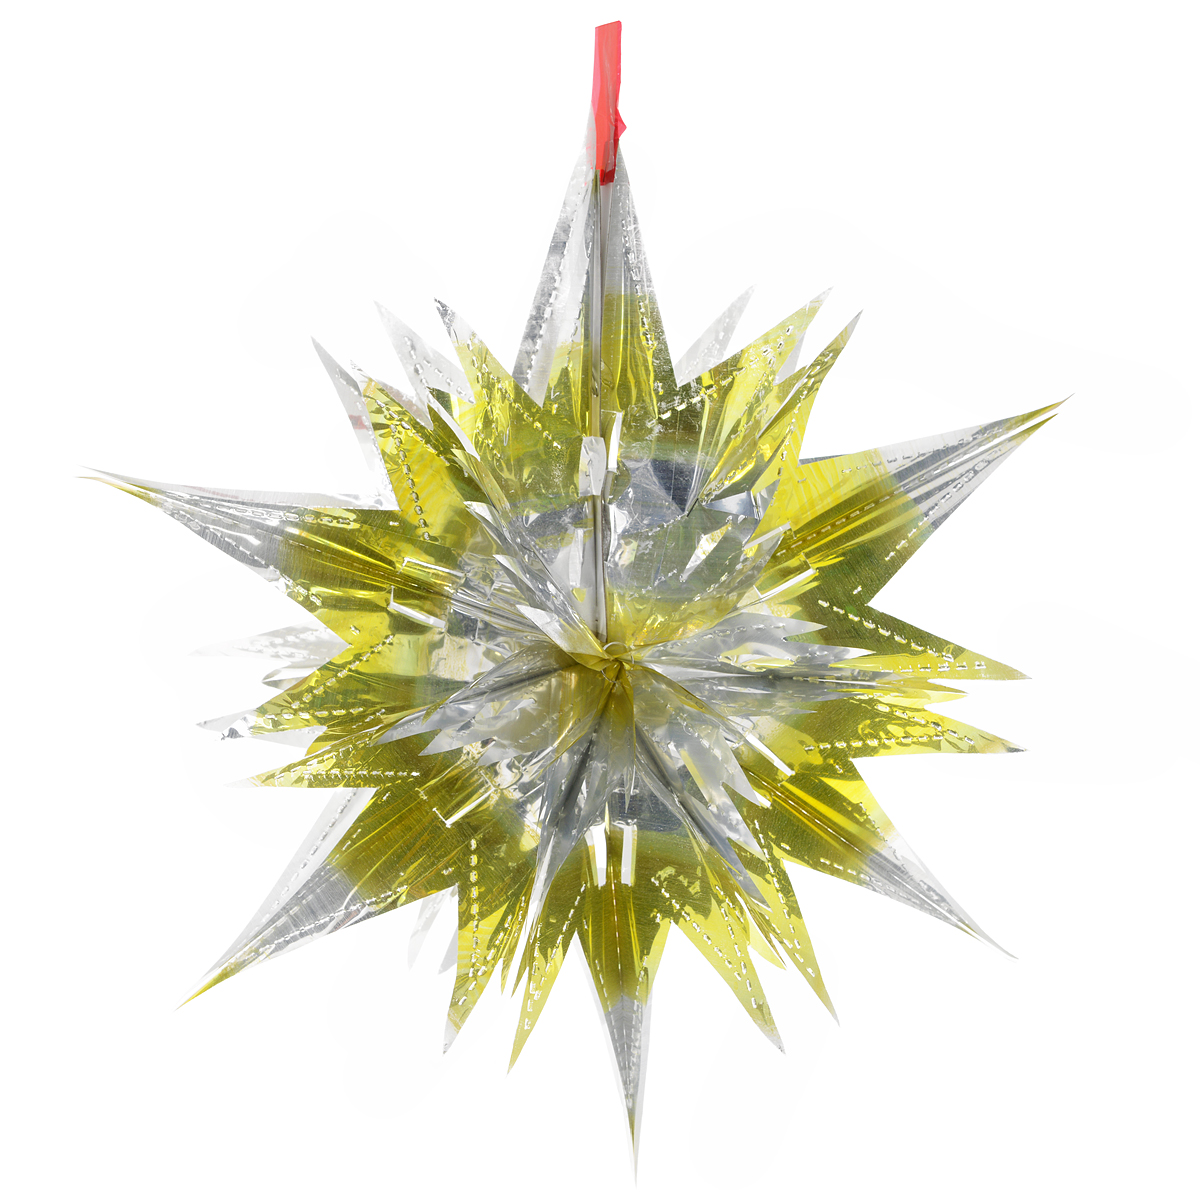 Новогоднее подвесное украшение Звезда, цвет: серебристый, желтый. 2700927009Новогоднее украшение Звезда отлично подойдет для декорации вашего дома и новогодней ели. Украшение выполнено из ПВХ в форме многогранной многоцветной звезды. С помощью специальной петельки звезду можно повесить в любом понравившемся вам месте. Украшение легко складывается и раскладывается благодаря металлическим кольцам. Новогодние украшения несут в себе волшебство и красоту праздника. Они помогут вам украсить дом к предстоящим праздникам и оживить интерьер по вашему вкусу. Создайте в доме атмосферу тепла, веселья и радости, украшая его всей семьей. Коллекция декоративных украшений из серии Magic Time принесет в ваш дом ни с чем не сравнимое ощущение волшебства!Размер украшения (в сложенном виде): 25 см х 21,5 см.